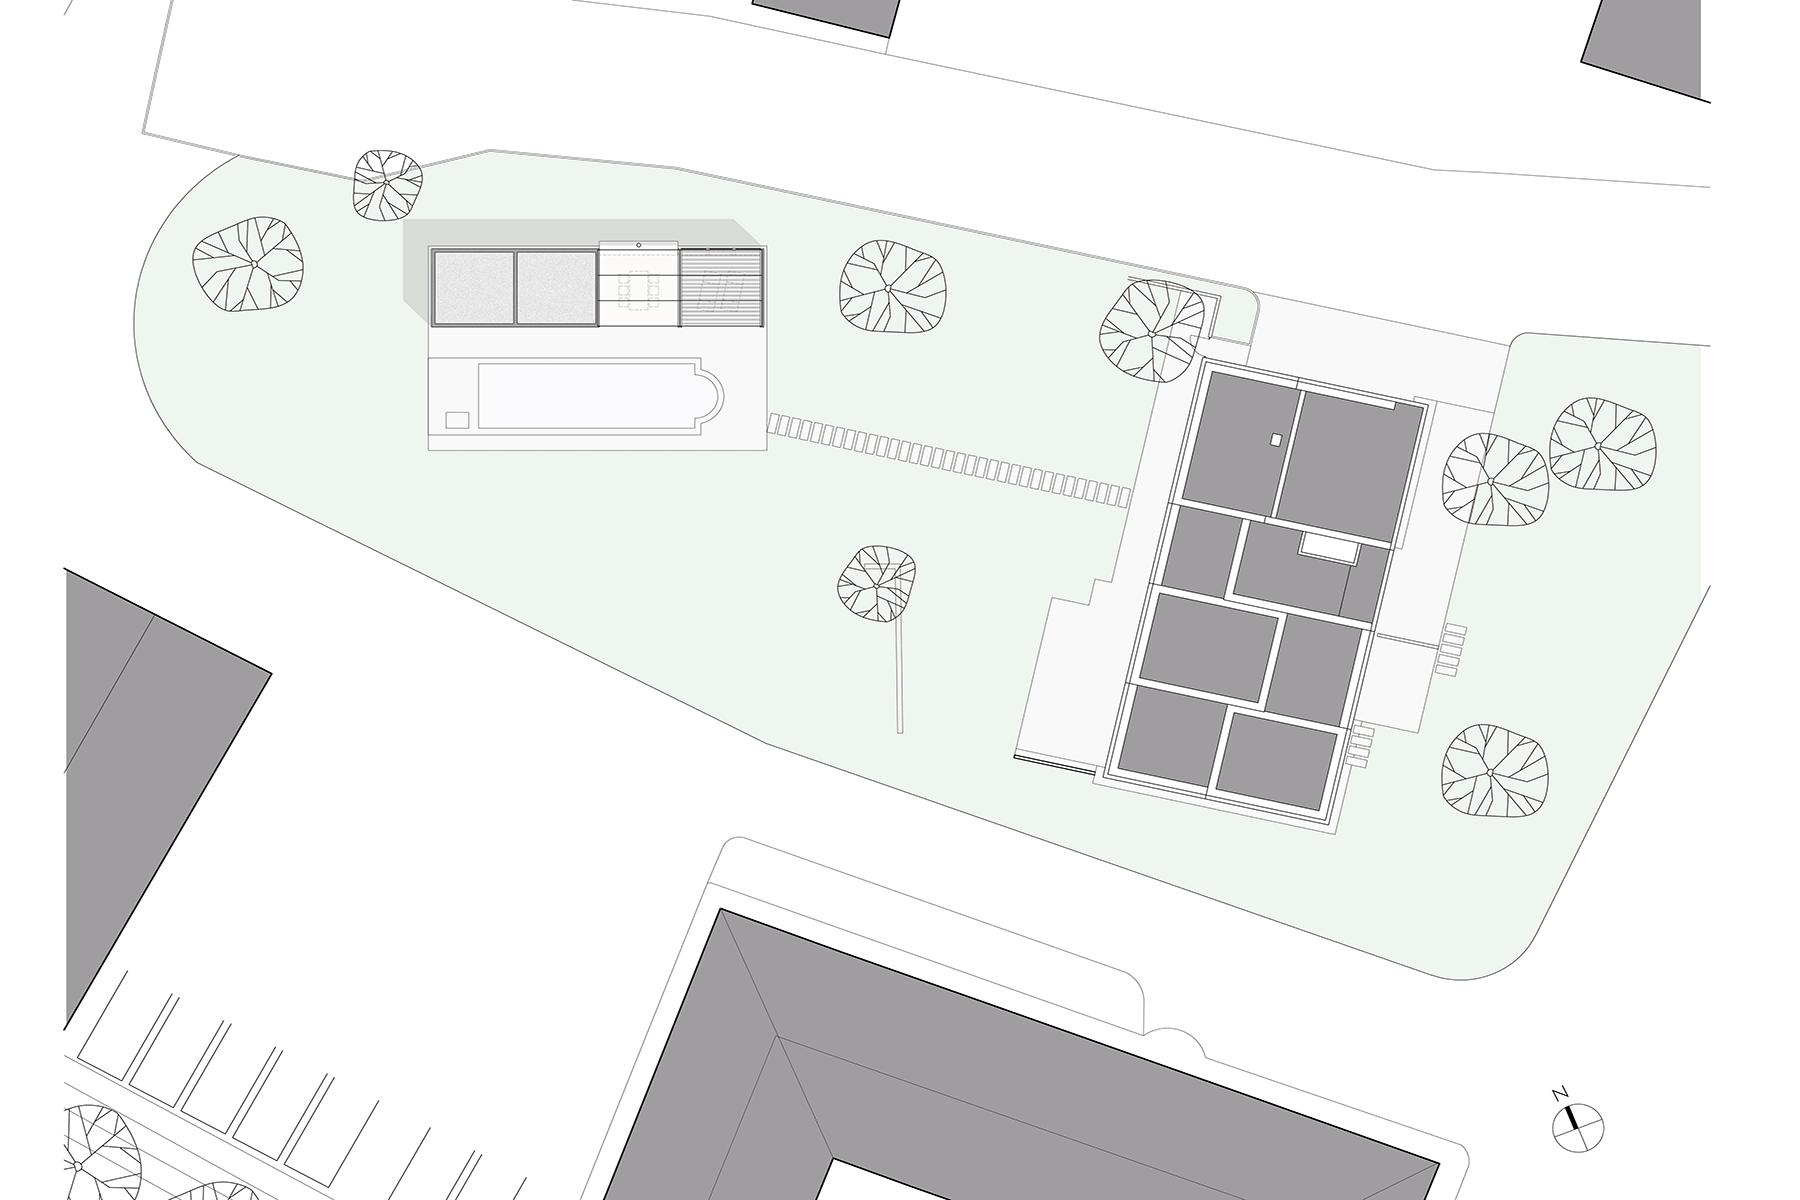 lageplan, ARCHITEKT, Poolhaus, Architektenhaus, Gartenlaube, Chillen am Pool, Sommerlaune